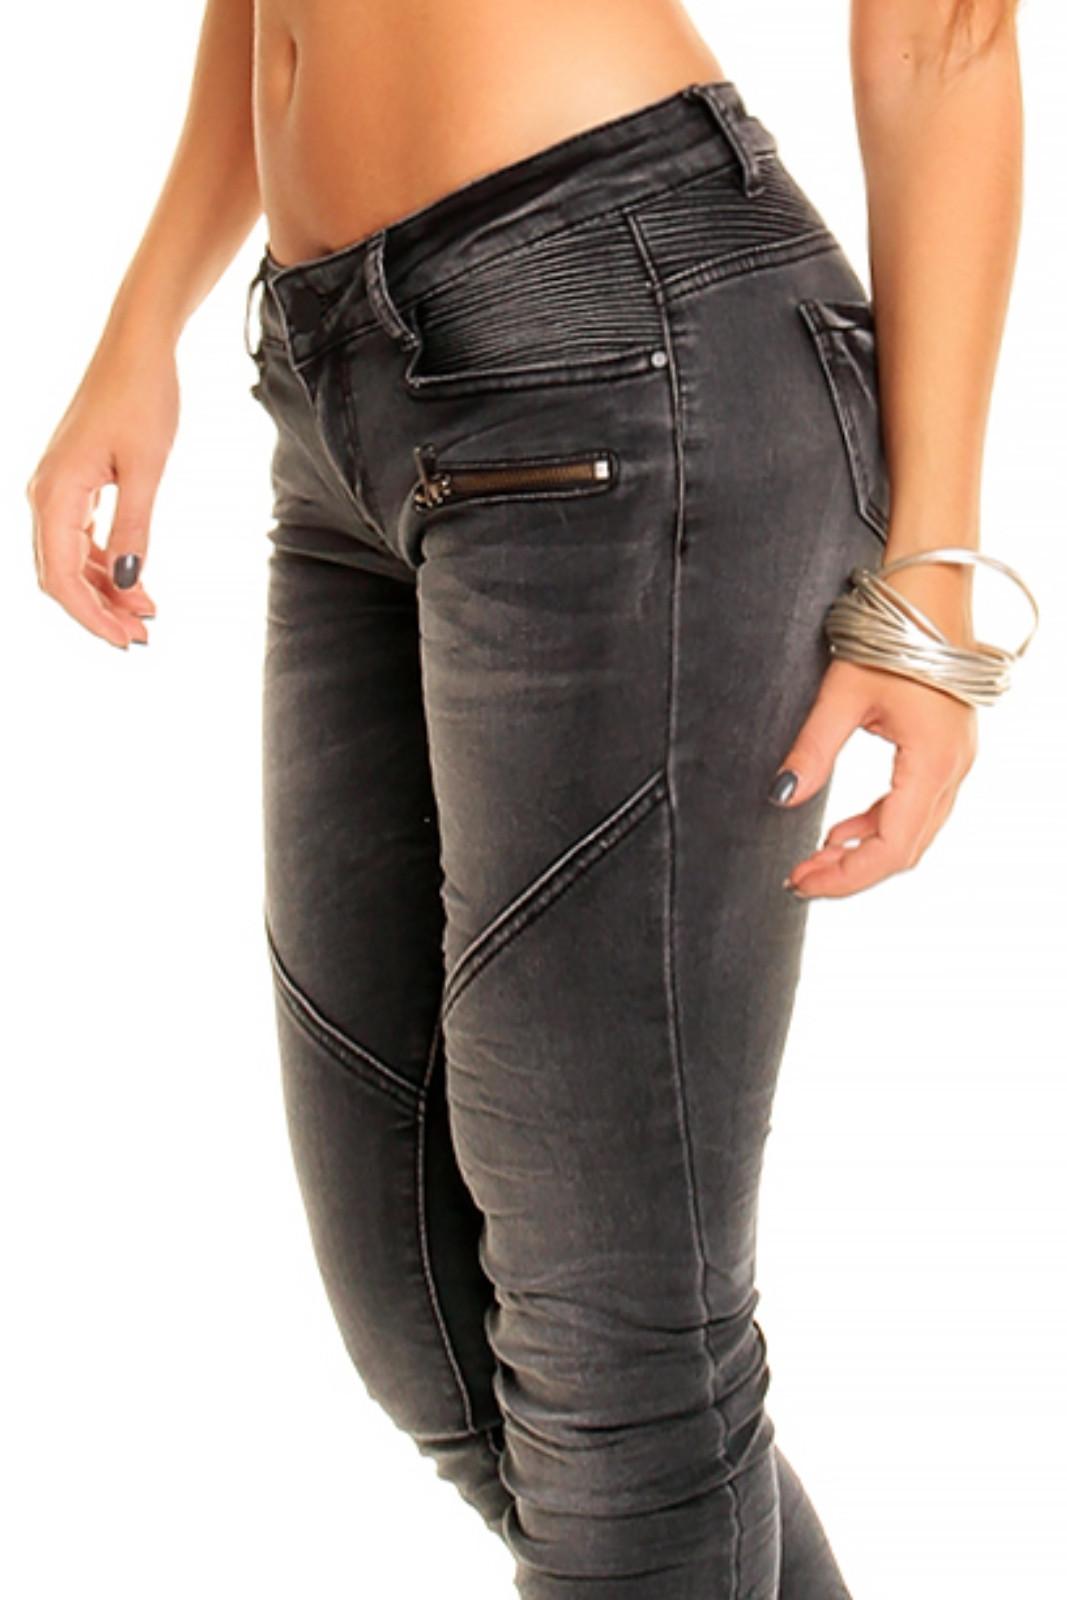 Dámske džínsy značkové elastické REDIAL 2055-1 DG zdobené prešívaním a zipsom na nohavici dlhé tmavo šedé - Tmavo šedá / XS - REDIAL 34